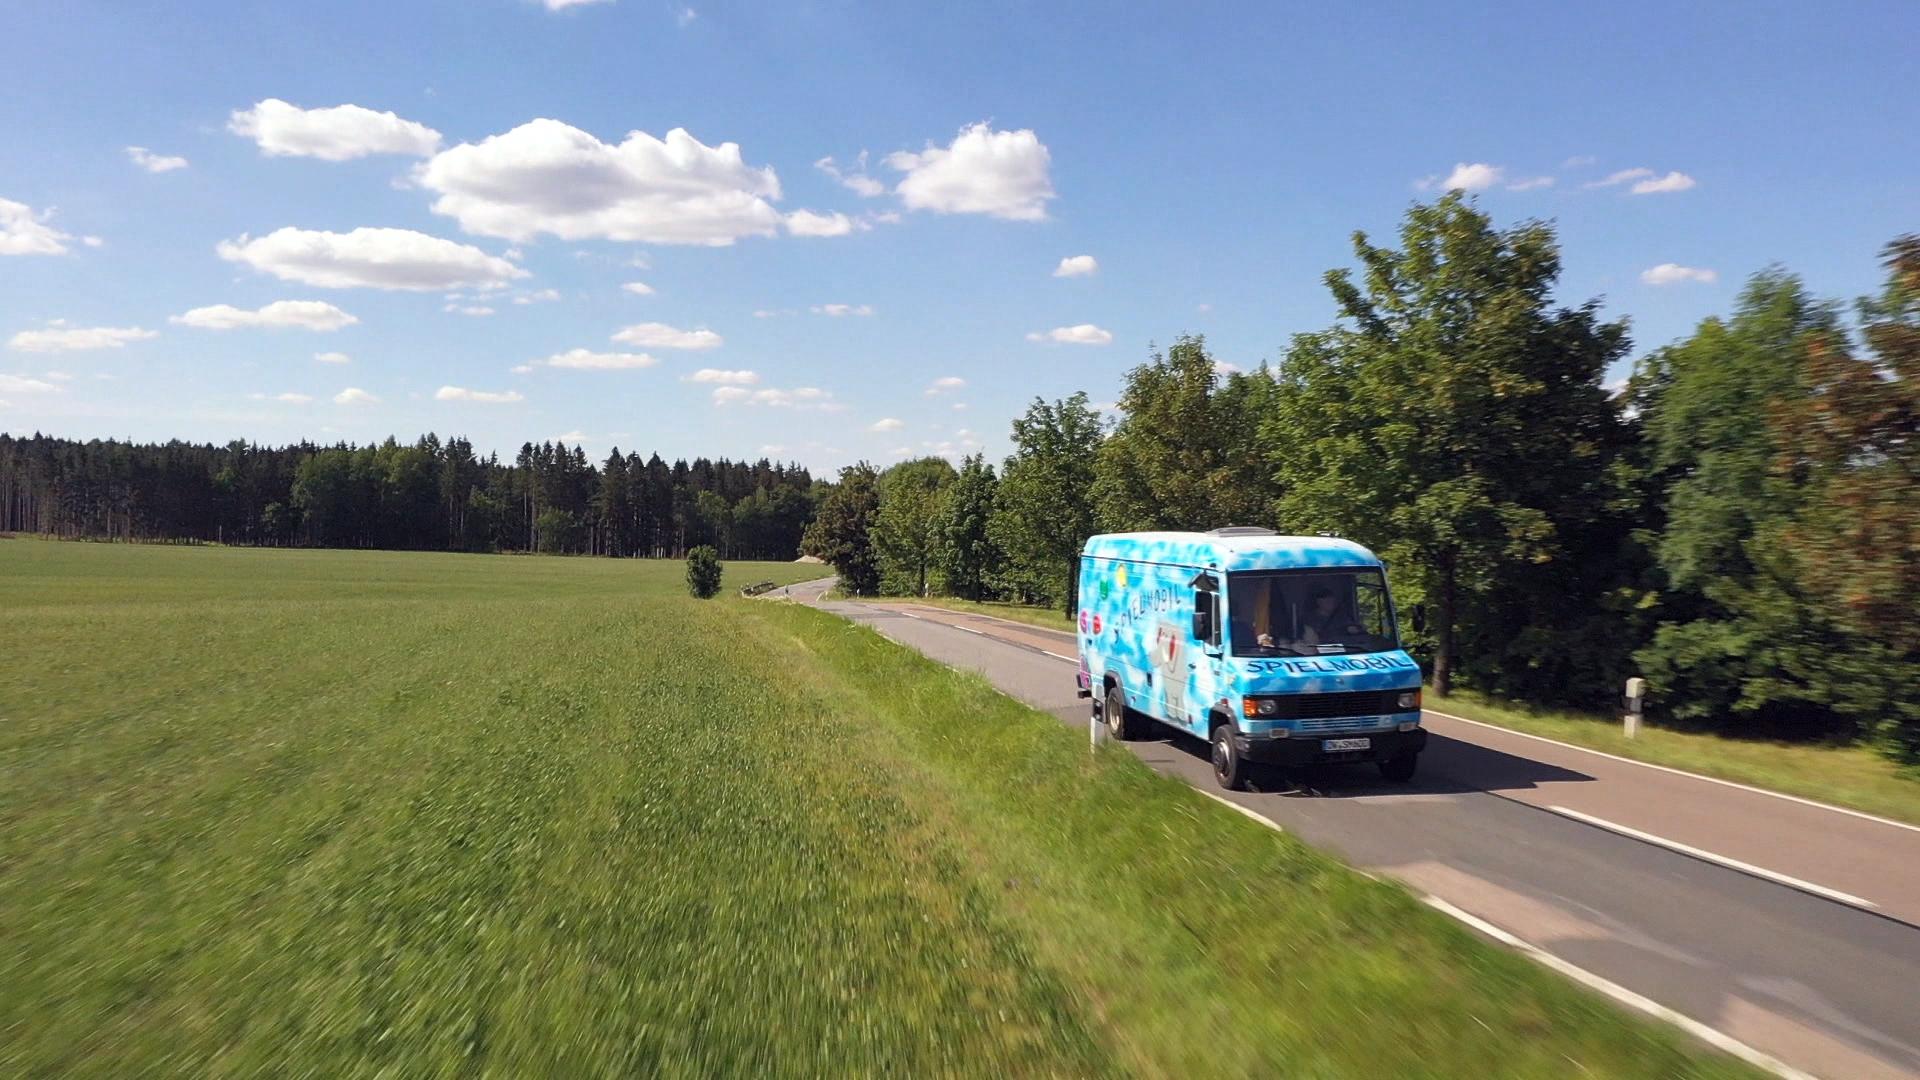 Das DKSB bietet auch ein Spielmobil in Form eines LKWs an, das im Polypark Dippoldiswalde zur Verfügung steht und auch angemietet werden kann. Bild: Deutsche Fernsehlotterie